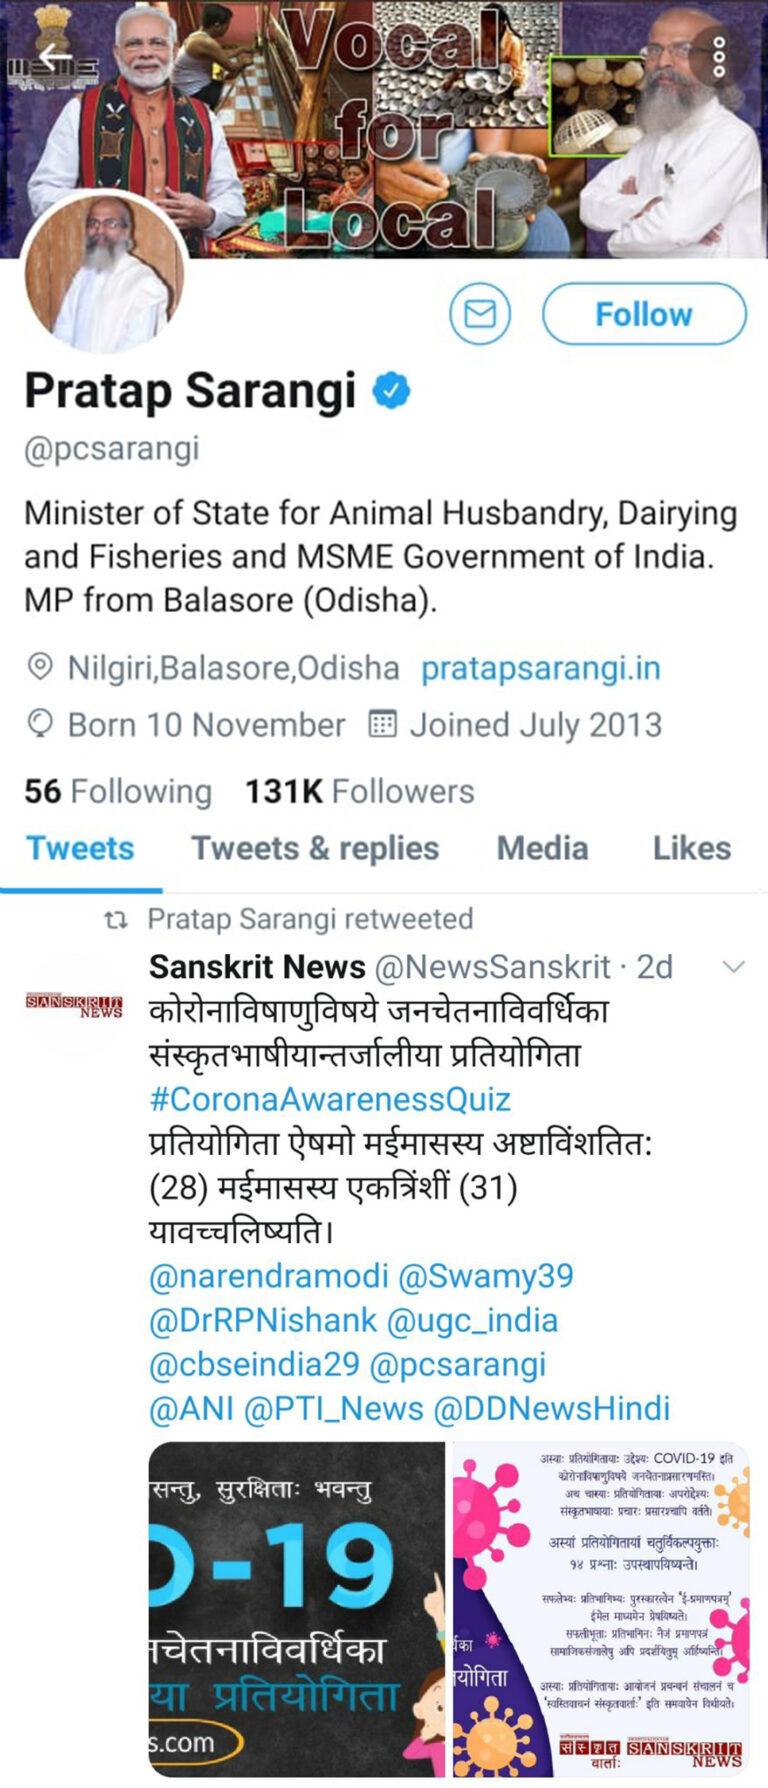 Pratap Sarangi Tweets